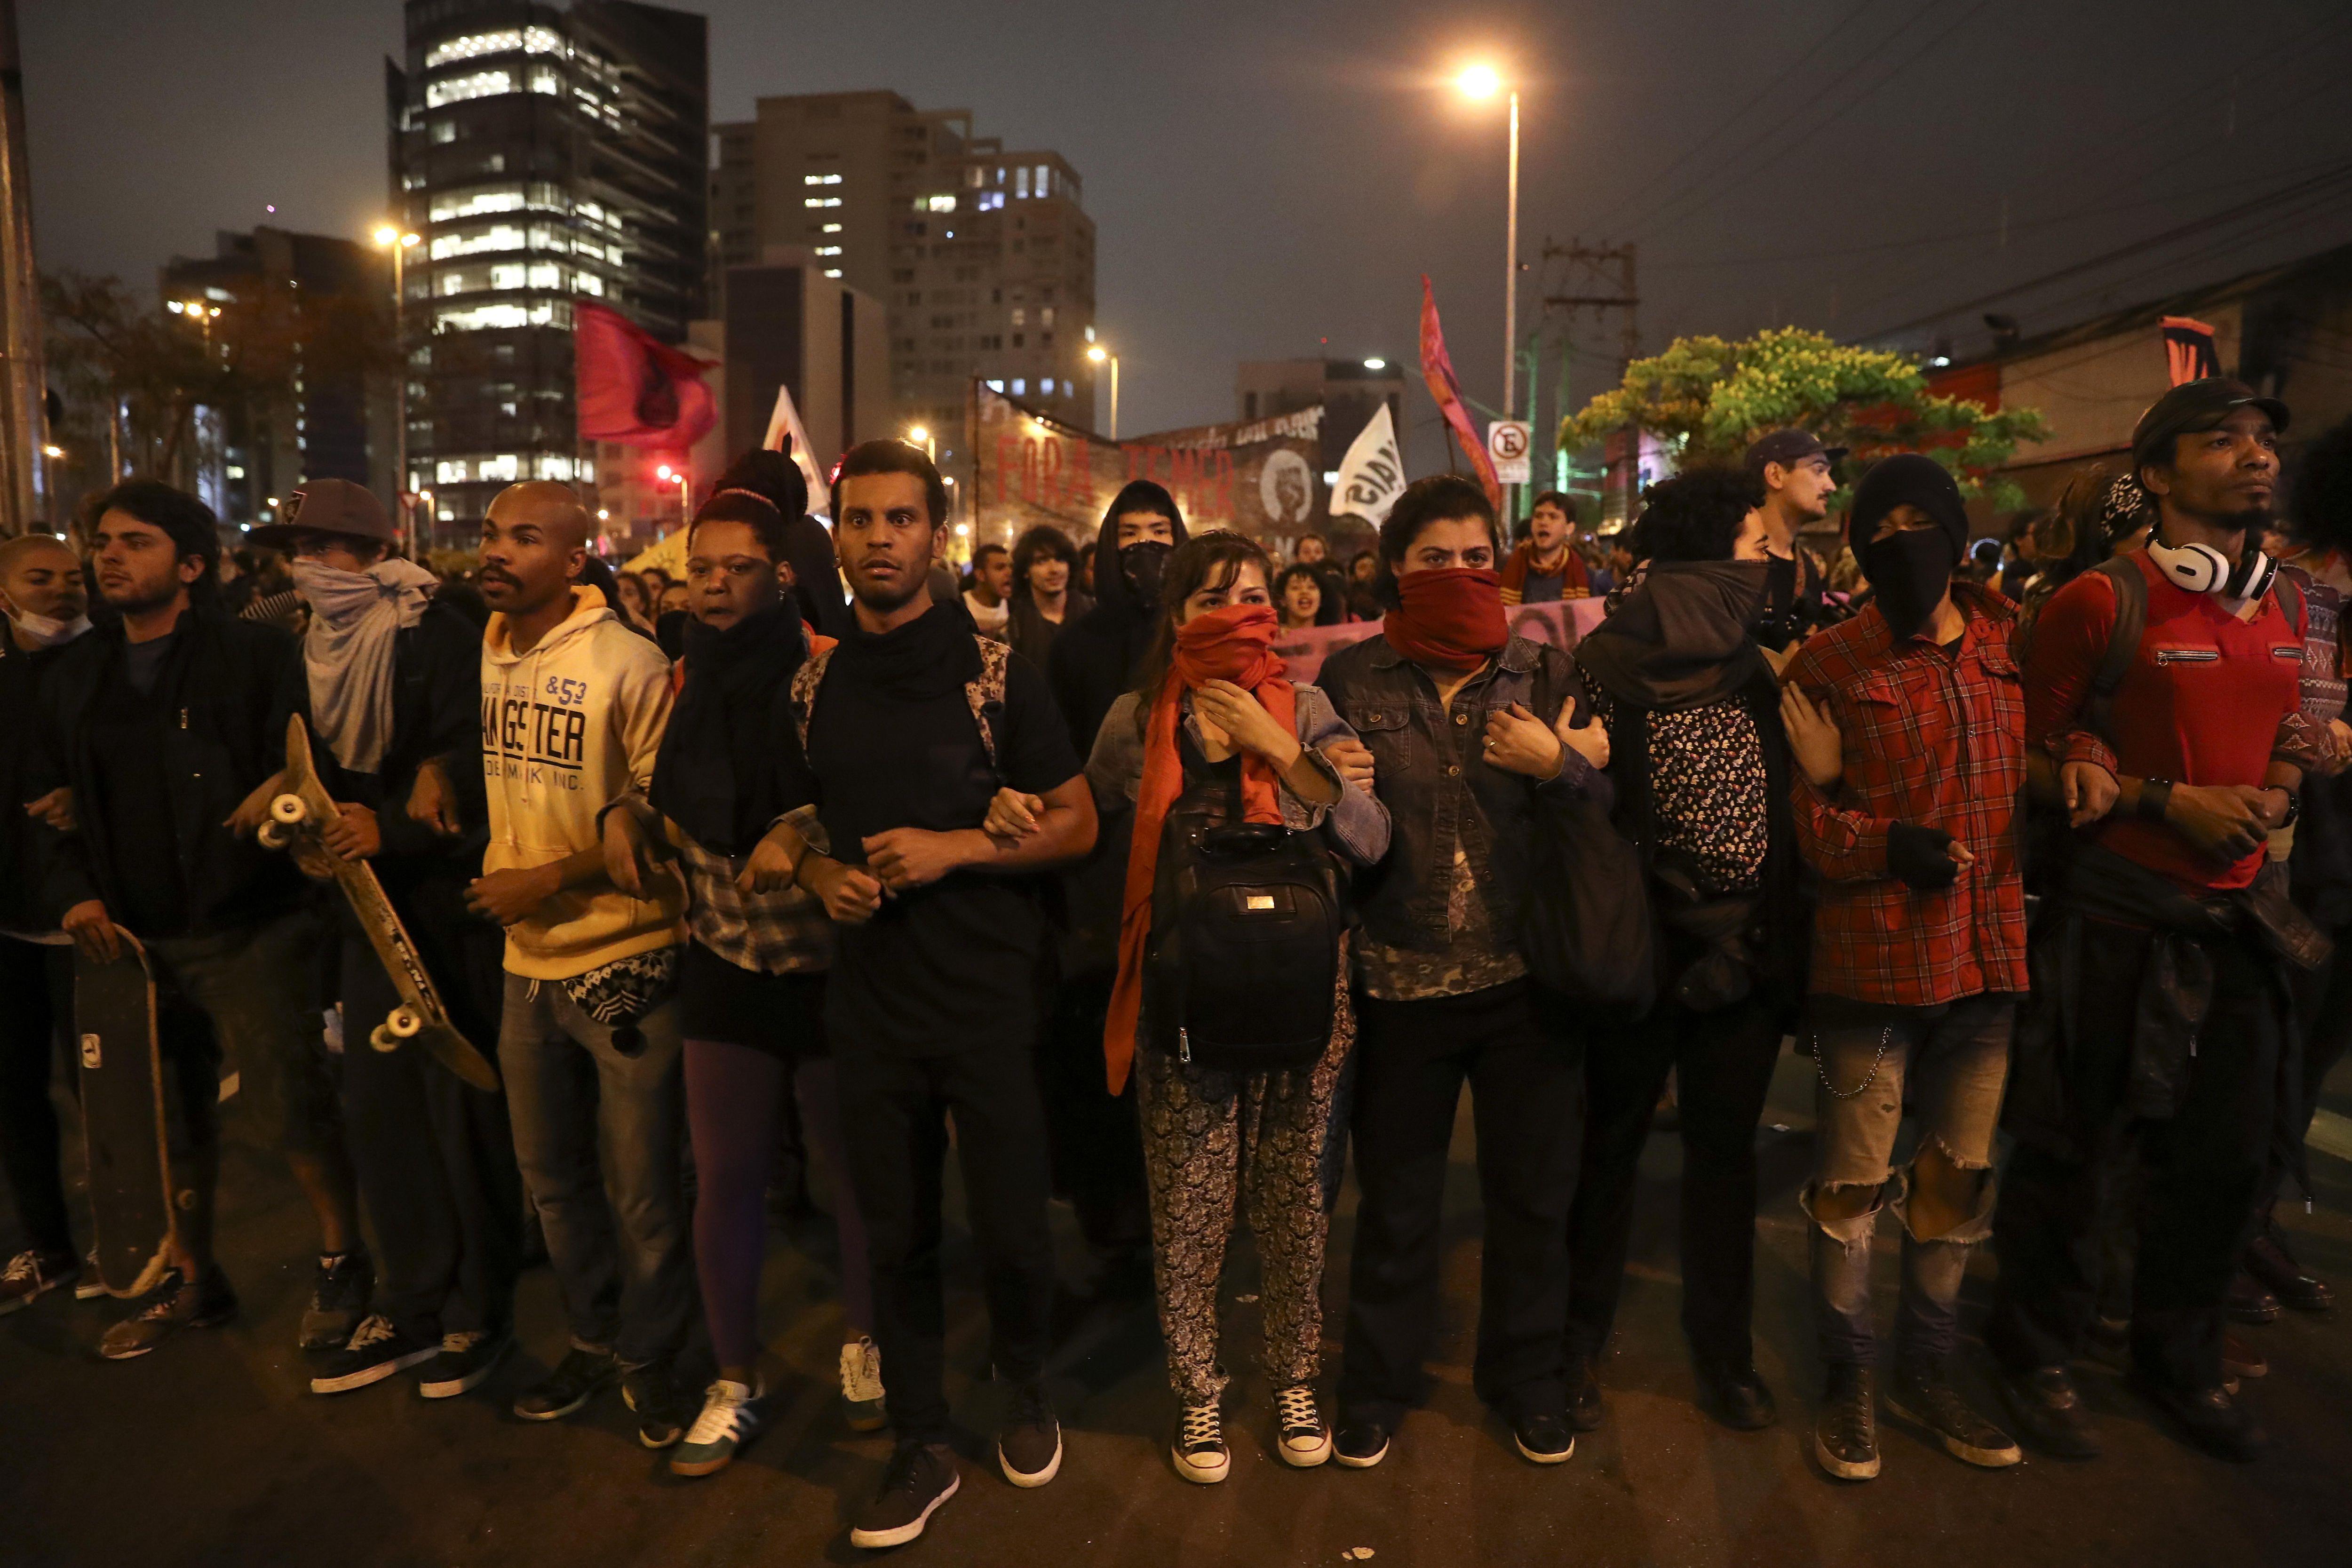 Otra manifestación contra Temer termina con disturbios y gases lacrimógenos